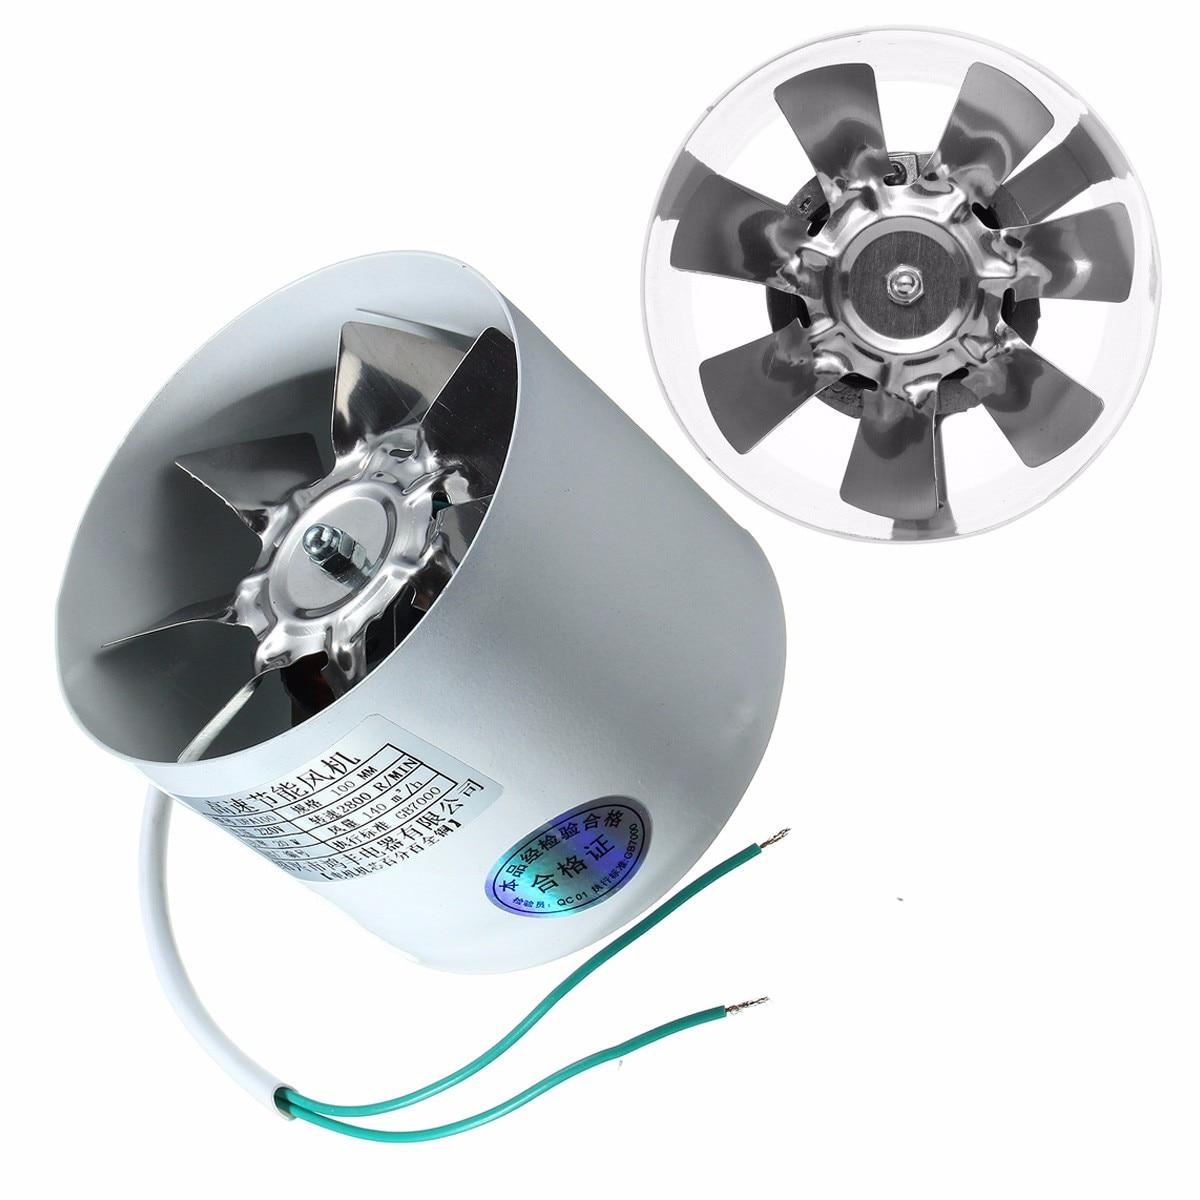 2800R/Min Conducto de ventilador de Metal 220 V 20 W 4 pulgadas en línea conductos ventilador de escape conducto de ventilación accesorios para ventiladores 10x10x7,5 cm